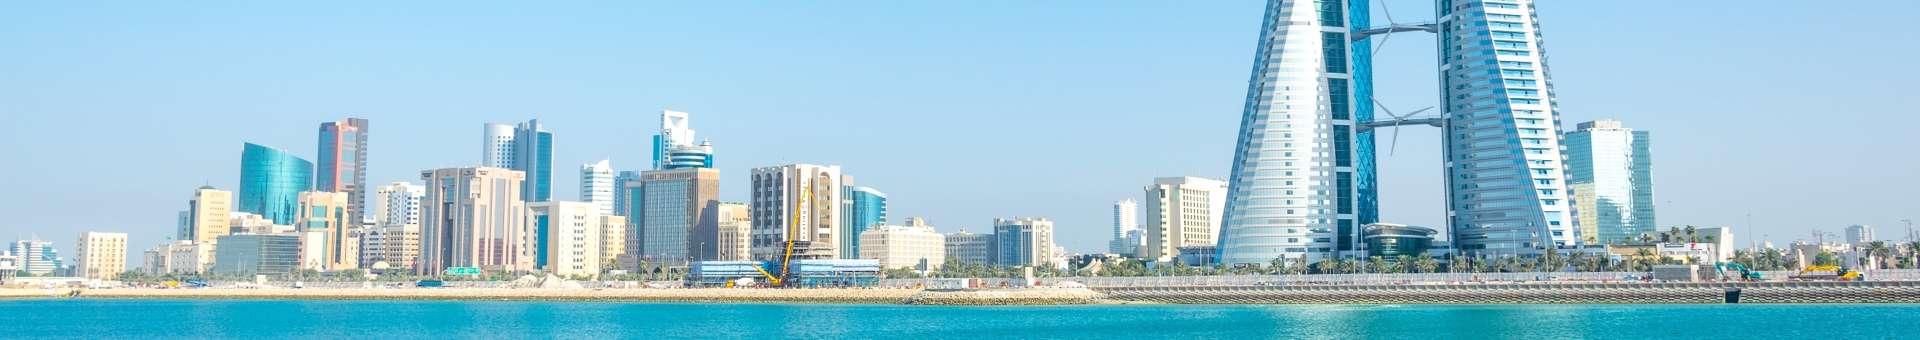 Búsqueda de información Whois de nombres de dominios en Bahrein